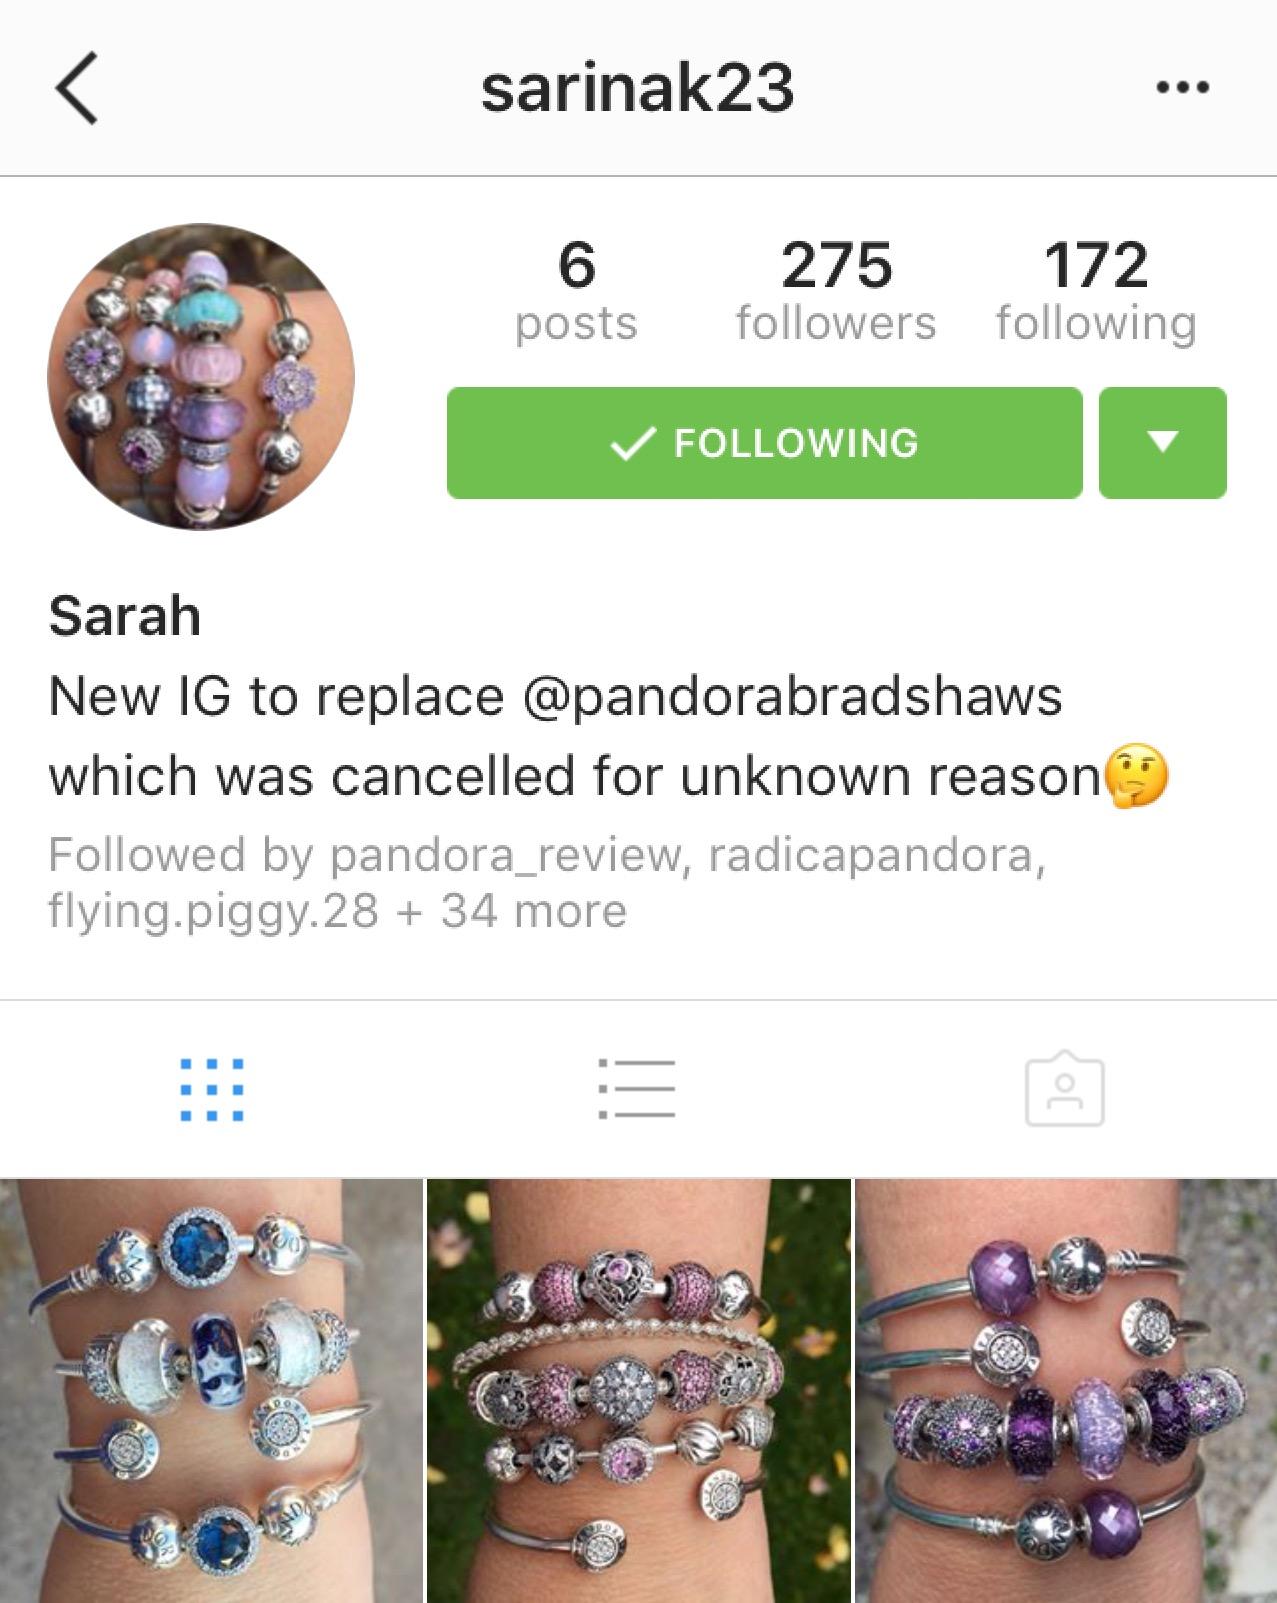 Sarinak23